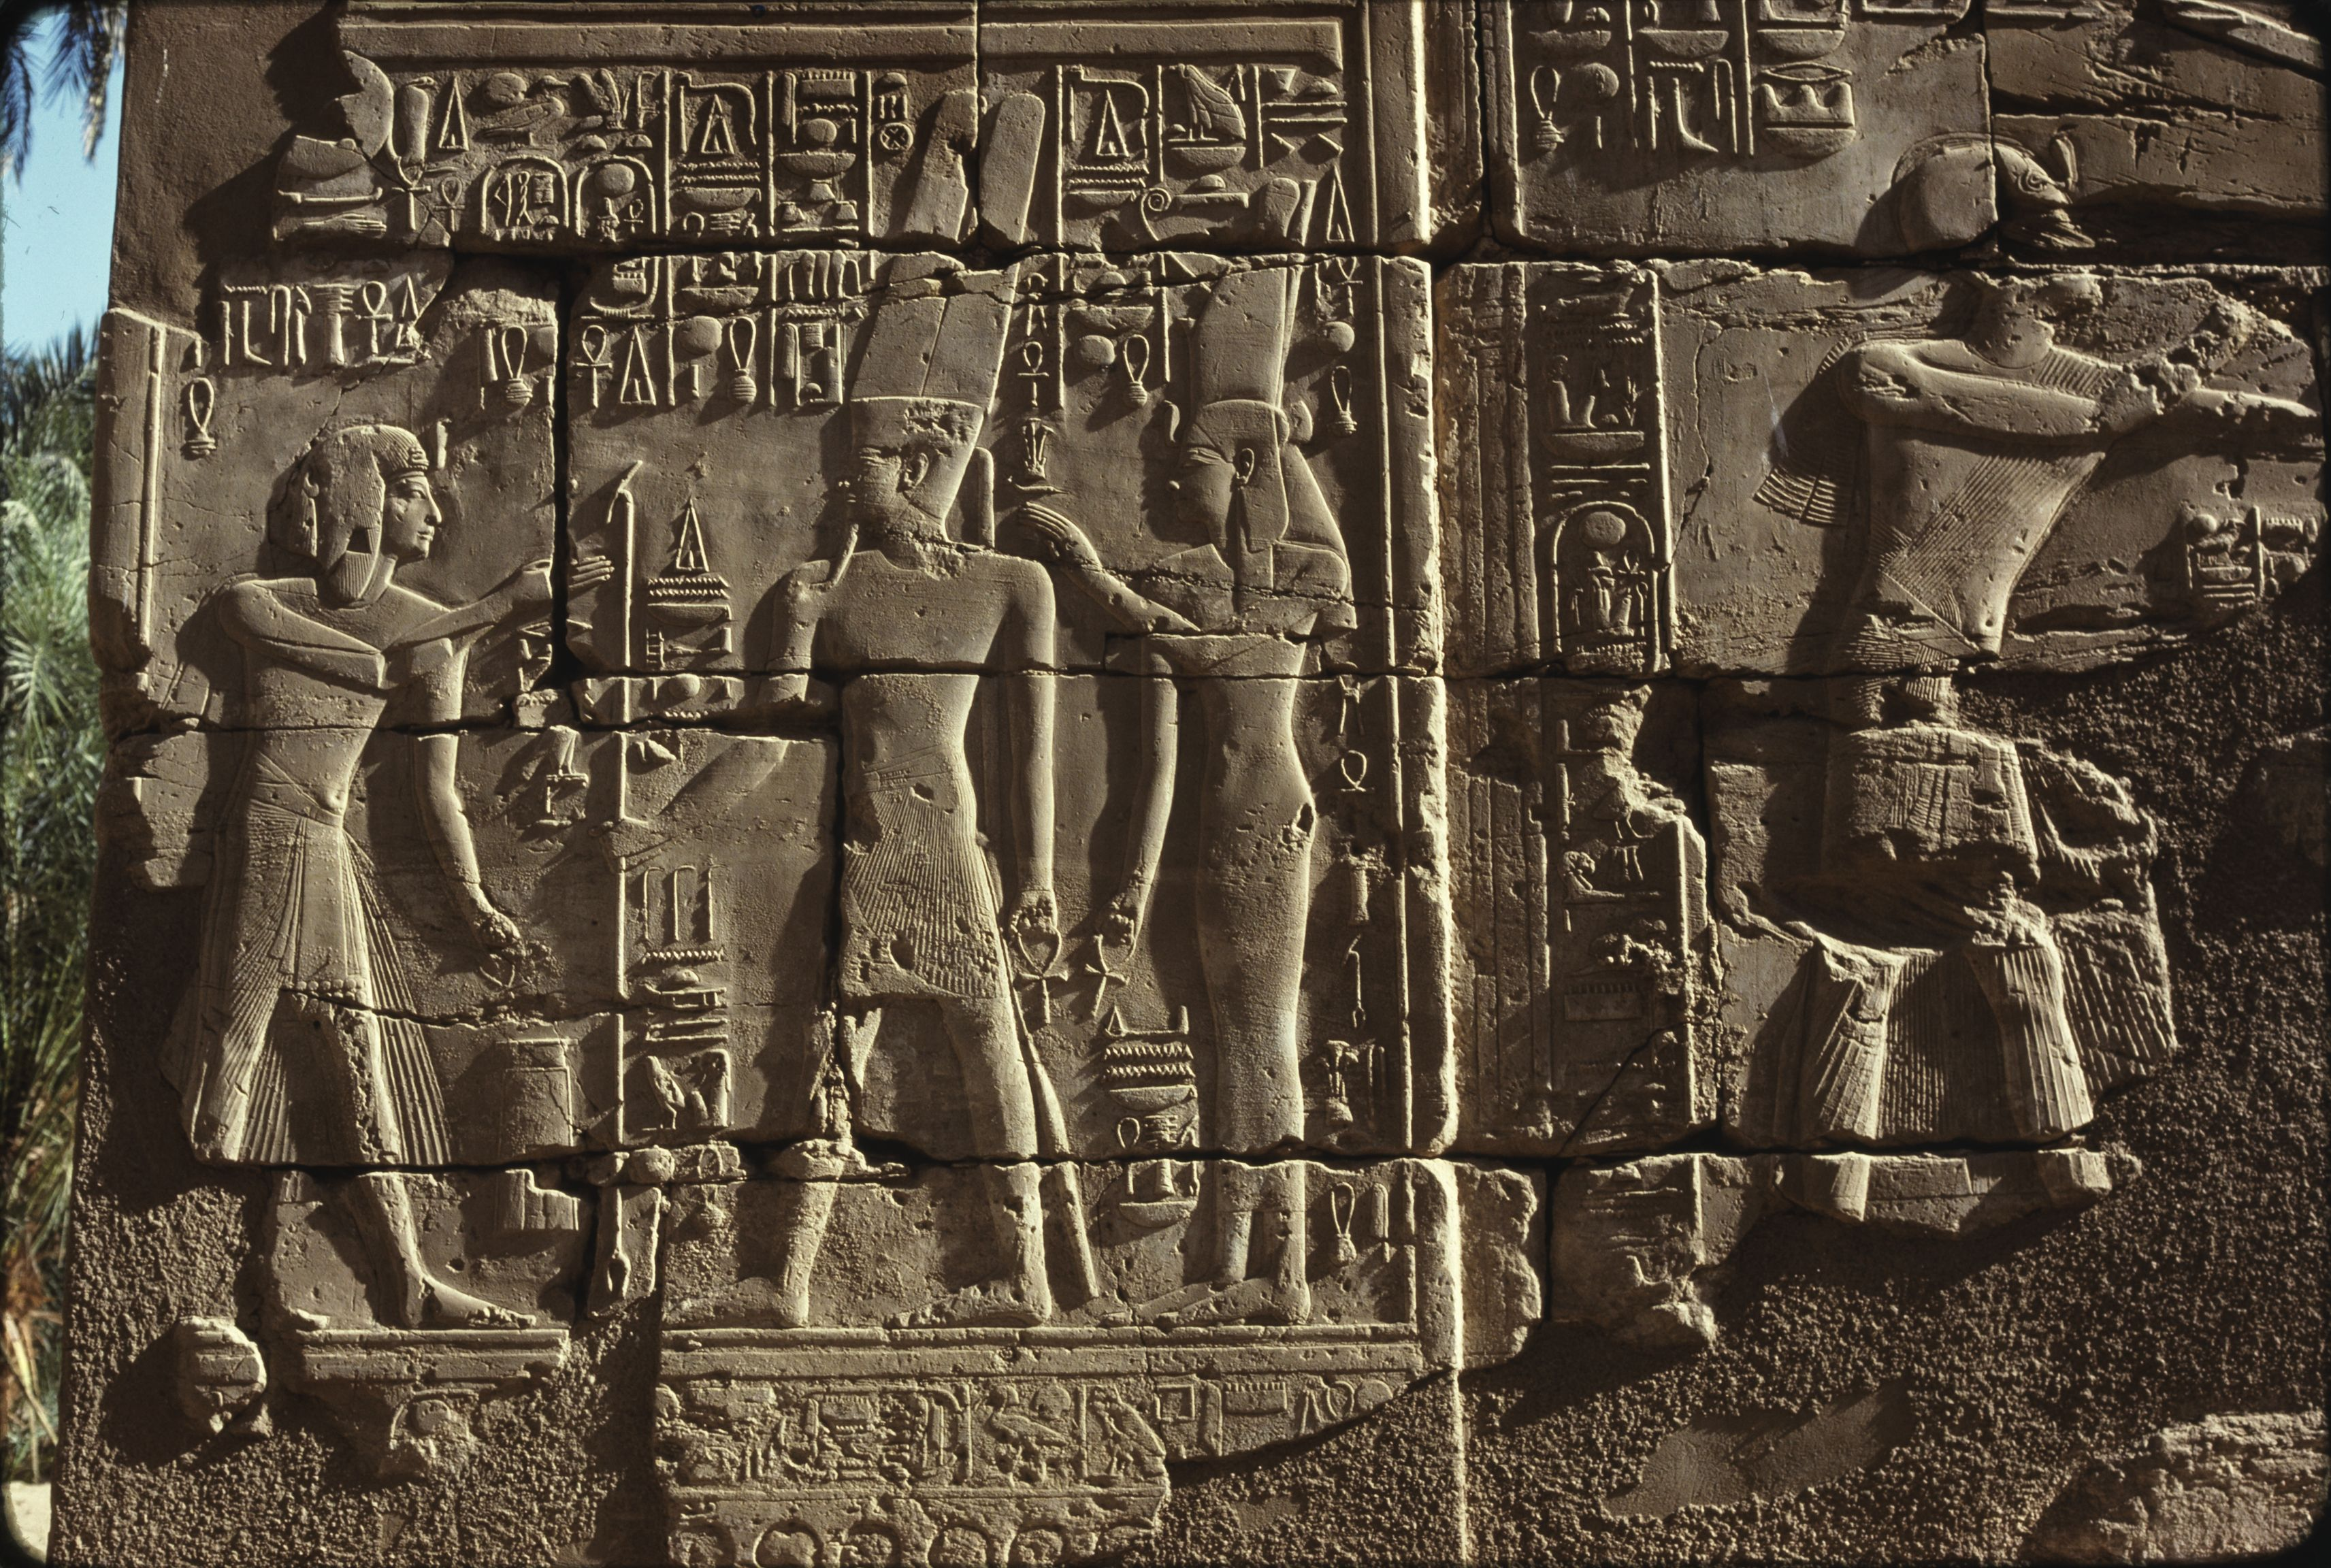 Храм Амона-Ра. Рельефы в Большом колонном зале. Сети I, Амон и Мут